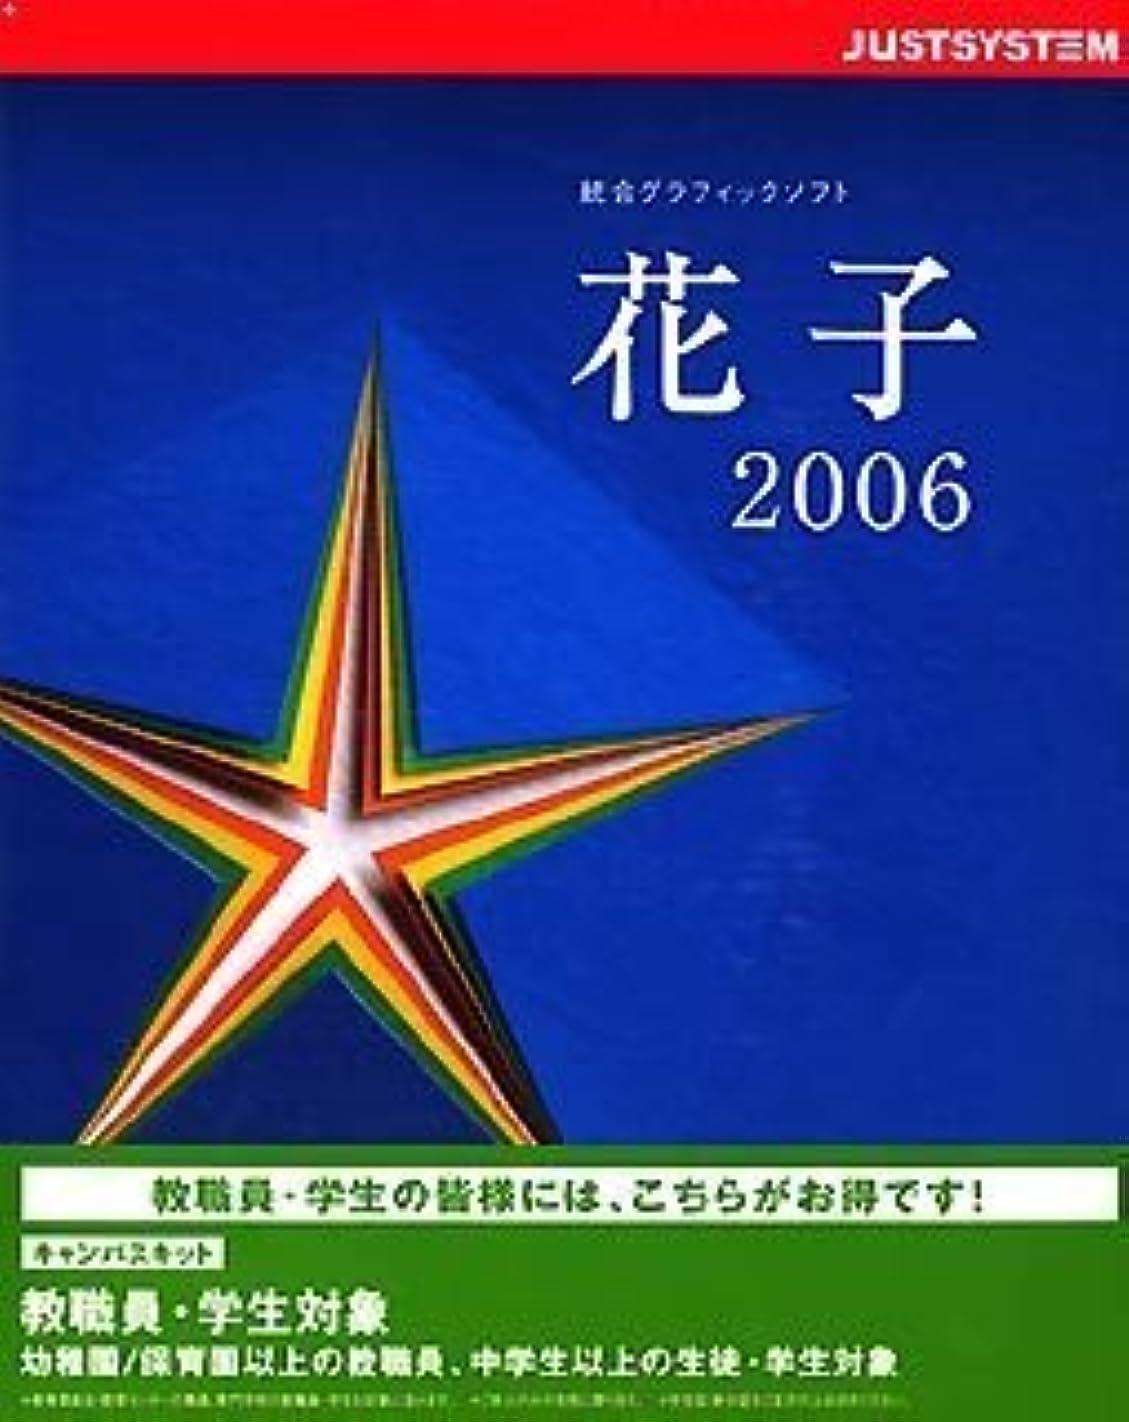 神学校指定する再撮り花子2006 for Windows キャンパスキット CD-ROM